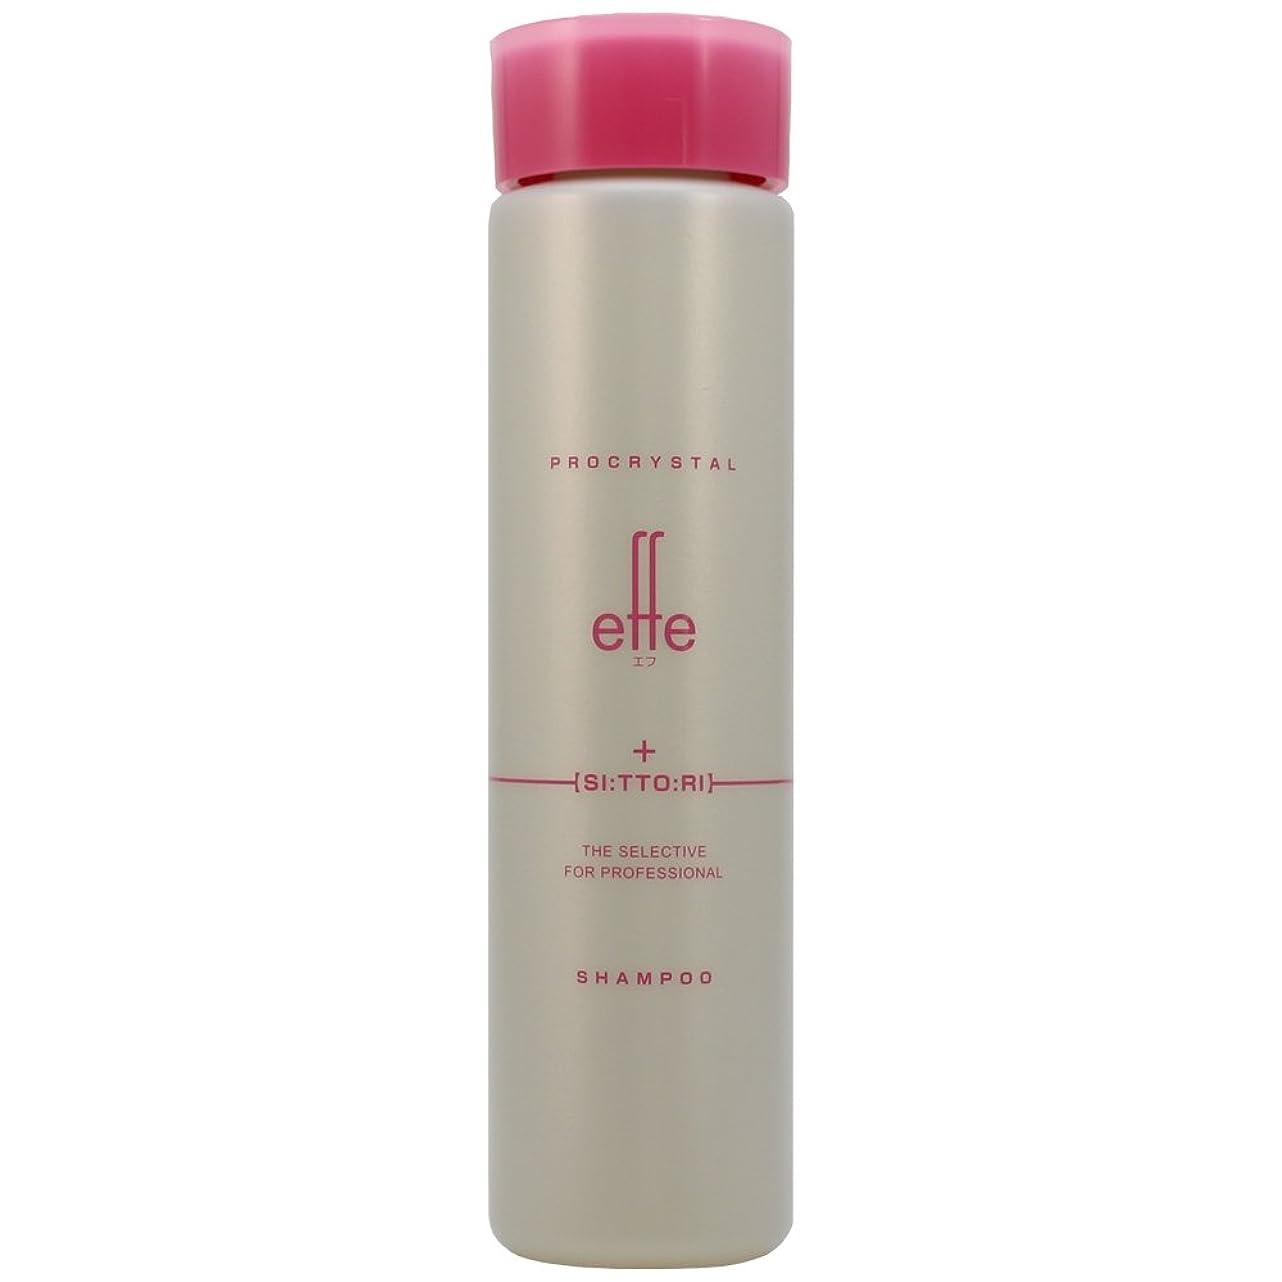 オデュッセウスレンダリング形アペティート化粧品 プロクリスタル effe (エフ) シャンプー しっとり250ml